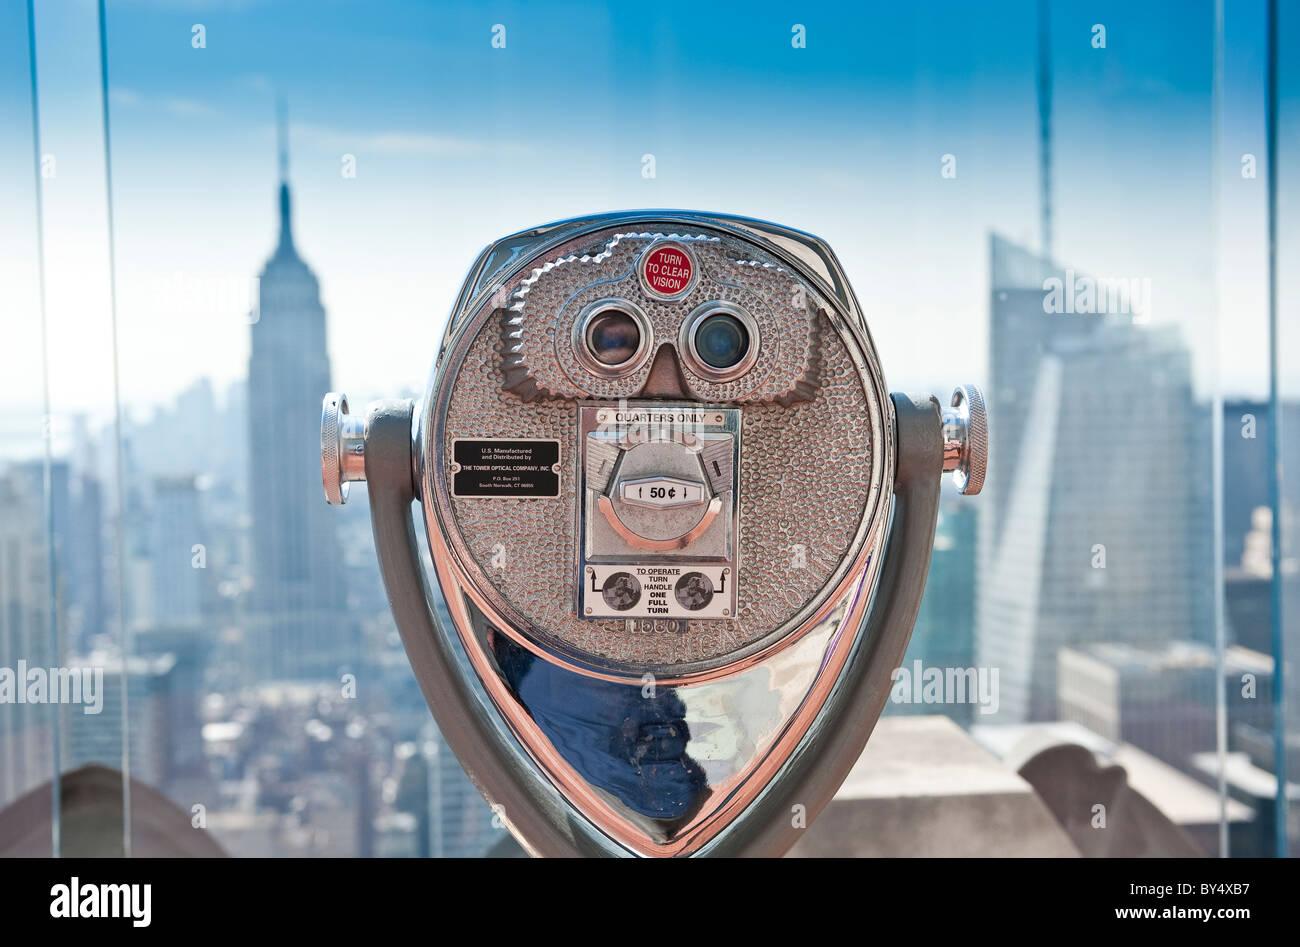 La plataforma de observación del Rockefeller Center, Nueva York. Imagen De Stock